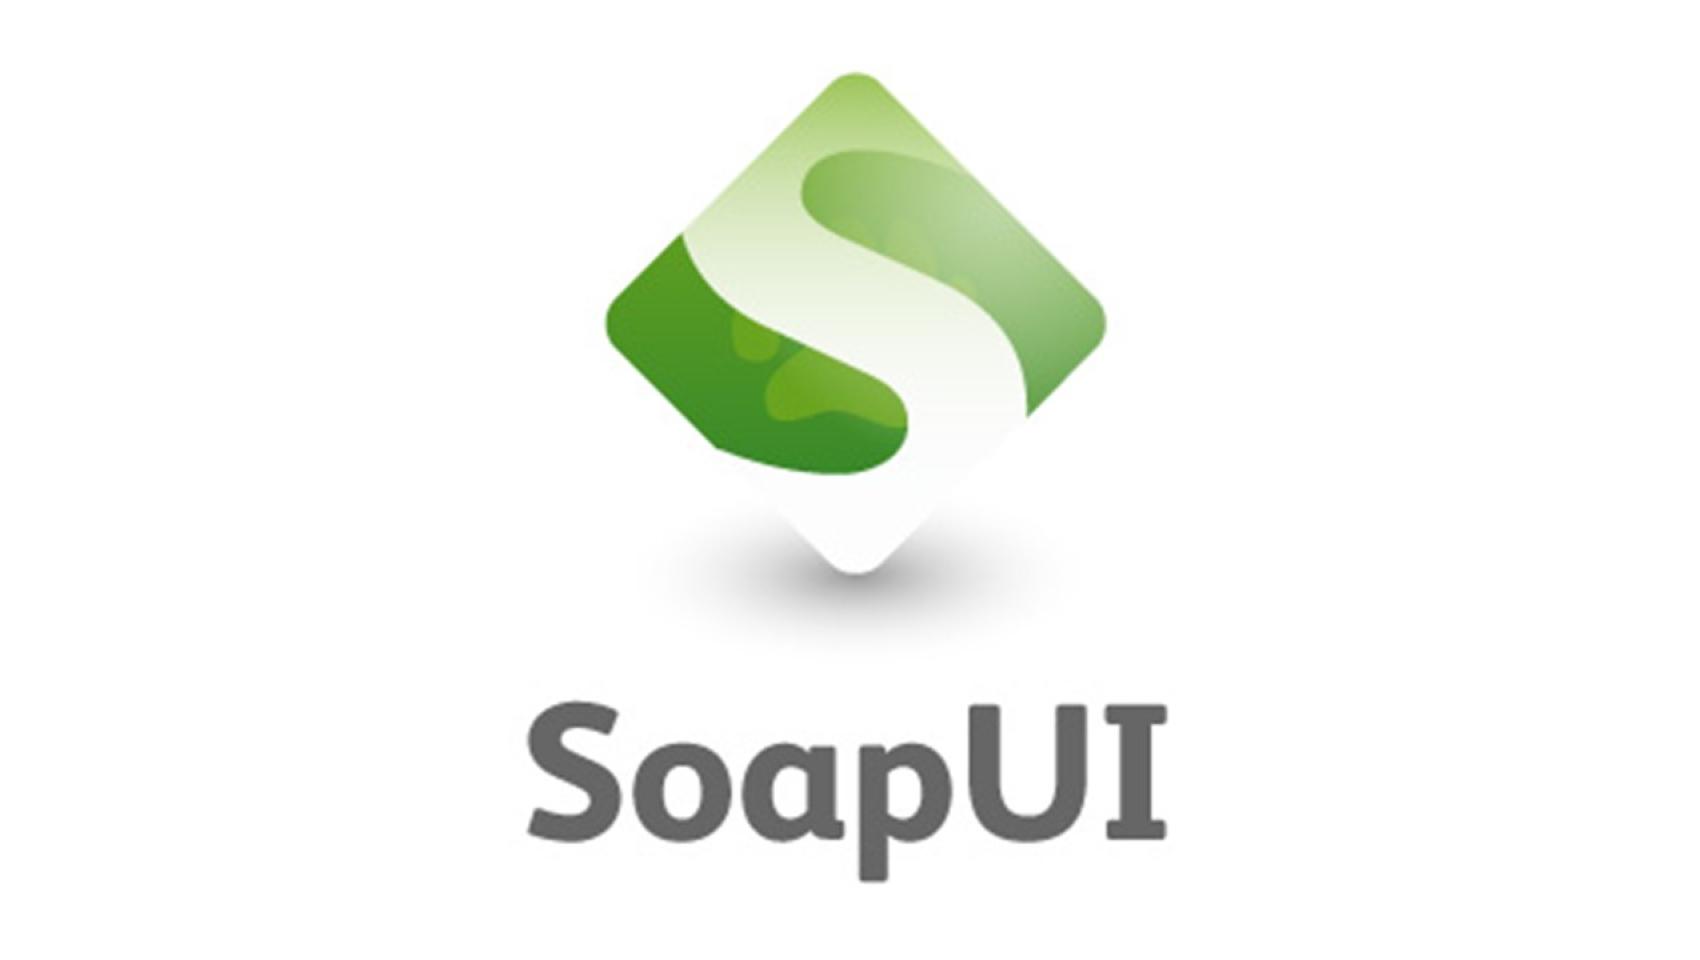 Как тестировать Веб-сервисы с помощью SoapUI